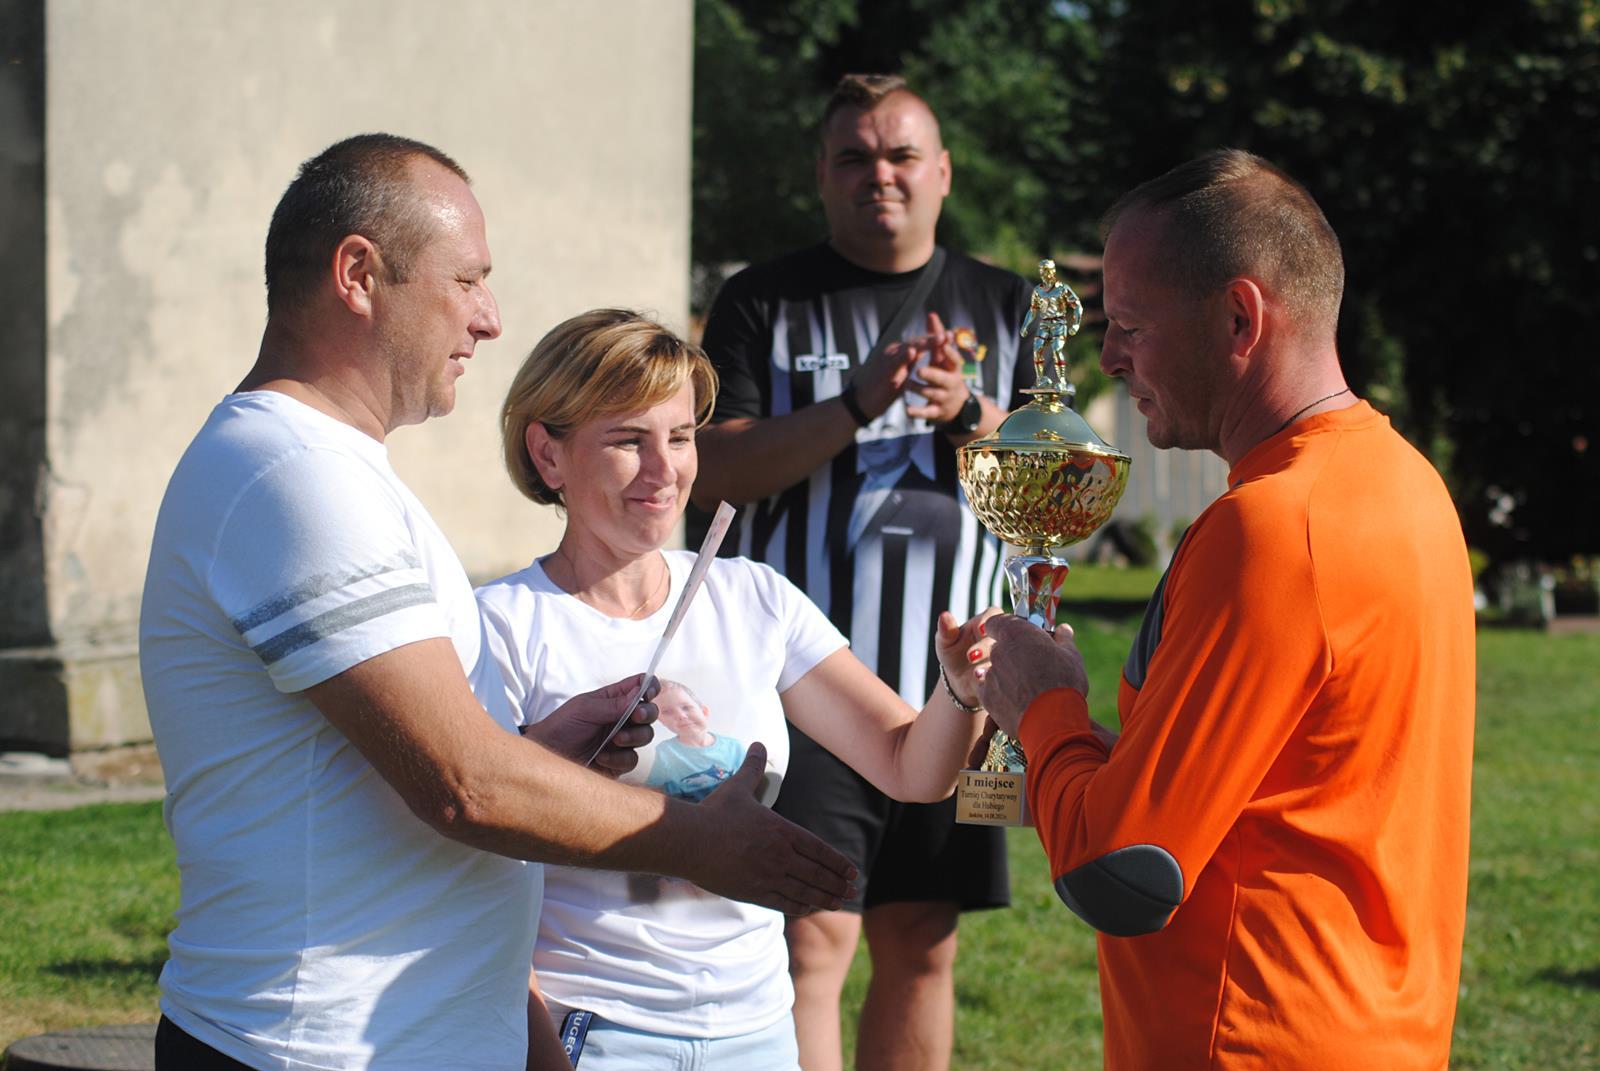 """Janków. Charytatywny Turniej Piłkarski Drużyna Grzesia dla """"Hubiego"""" [ZDJĘCIA] - Zdjęcie główne"""